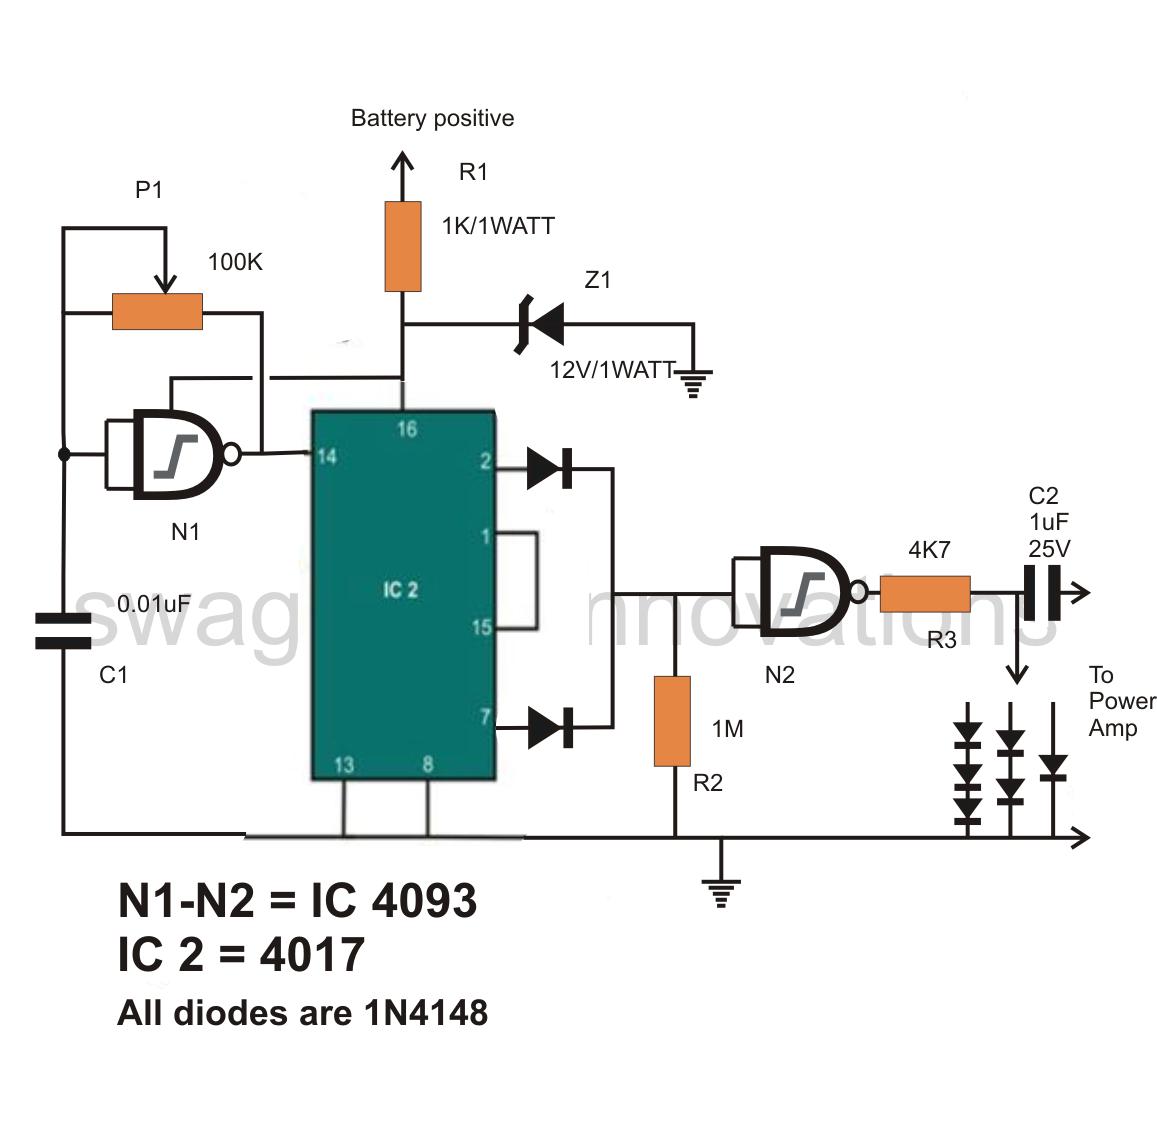 medium resolution of scematic diagram panel pure sine wave inverter circuit diagram free schematics diagrams inverter circuit diagram dc 12v to ac 220v 200w